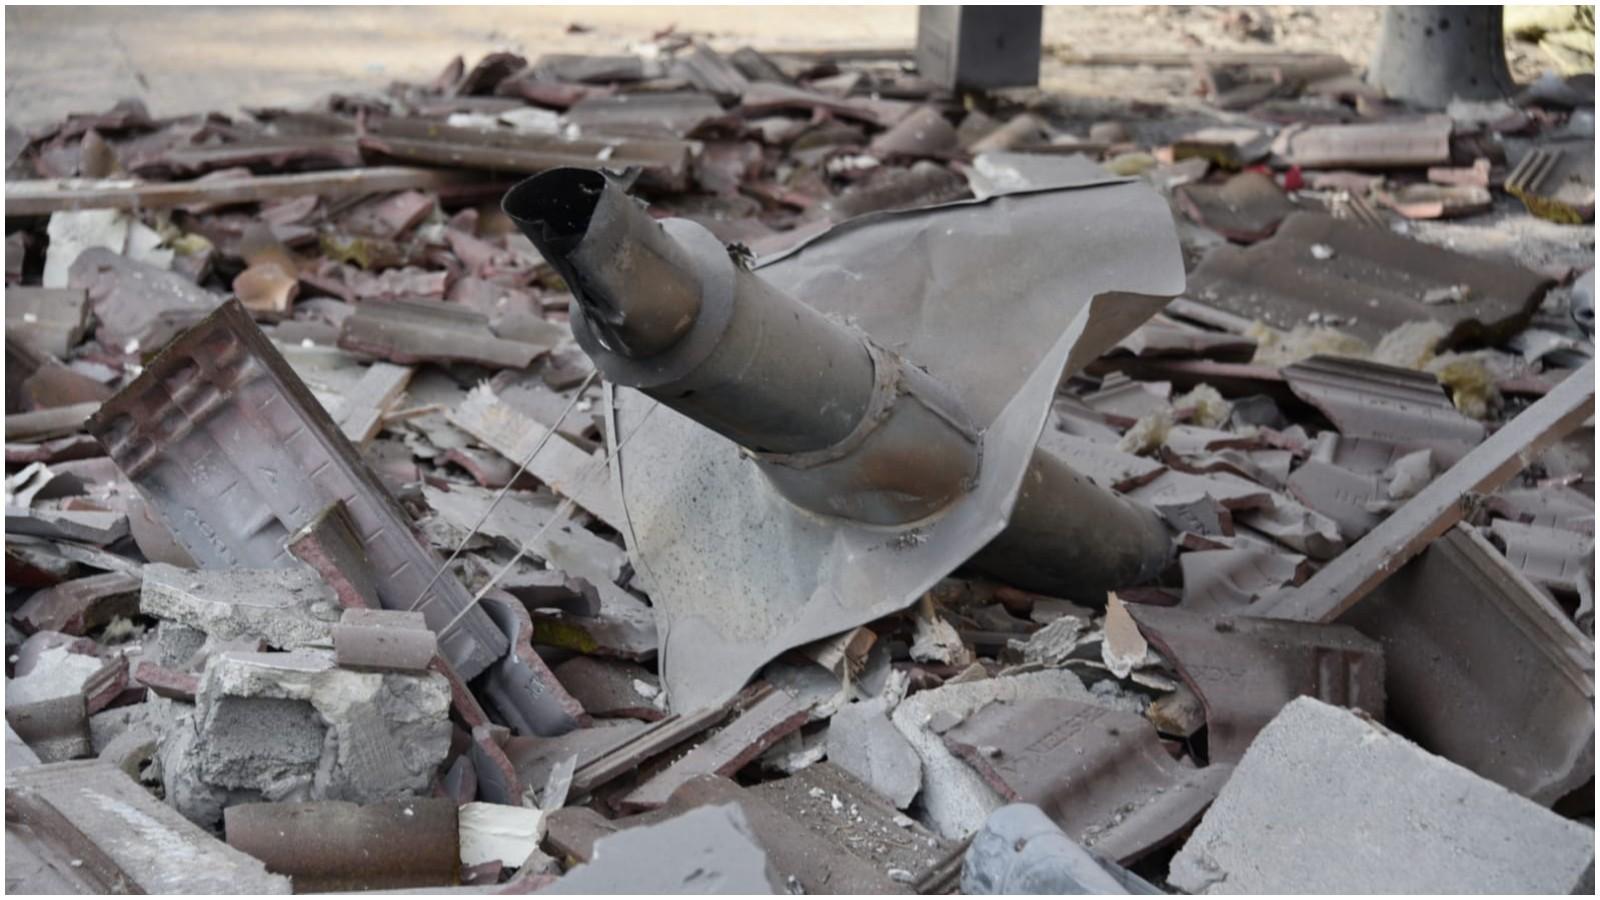 פגיעת הטיל במושב משמרת. צילום באדיבות המשטרה